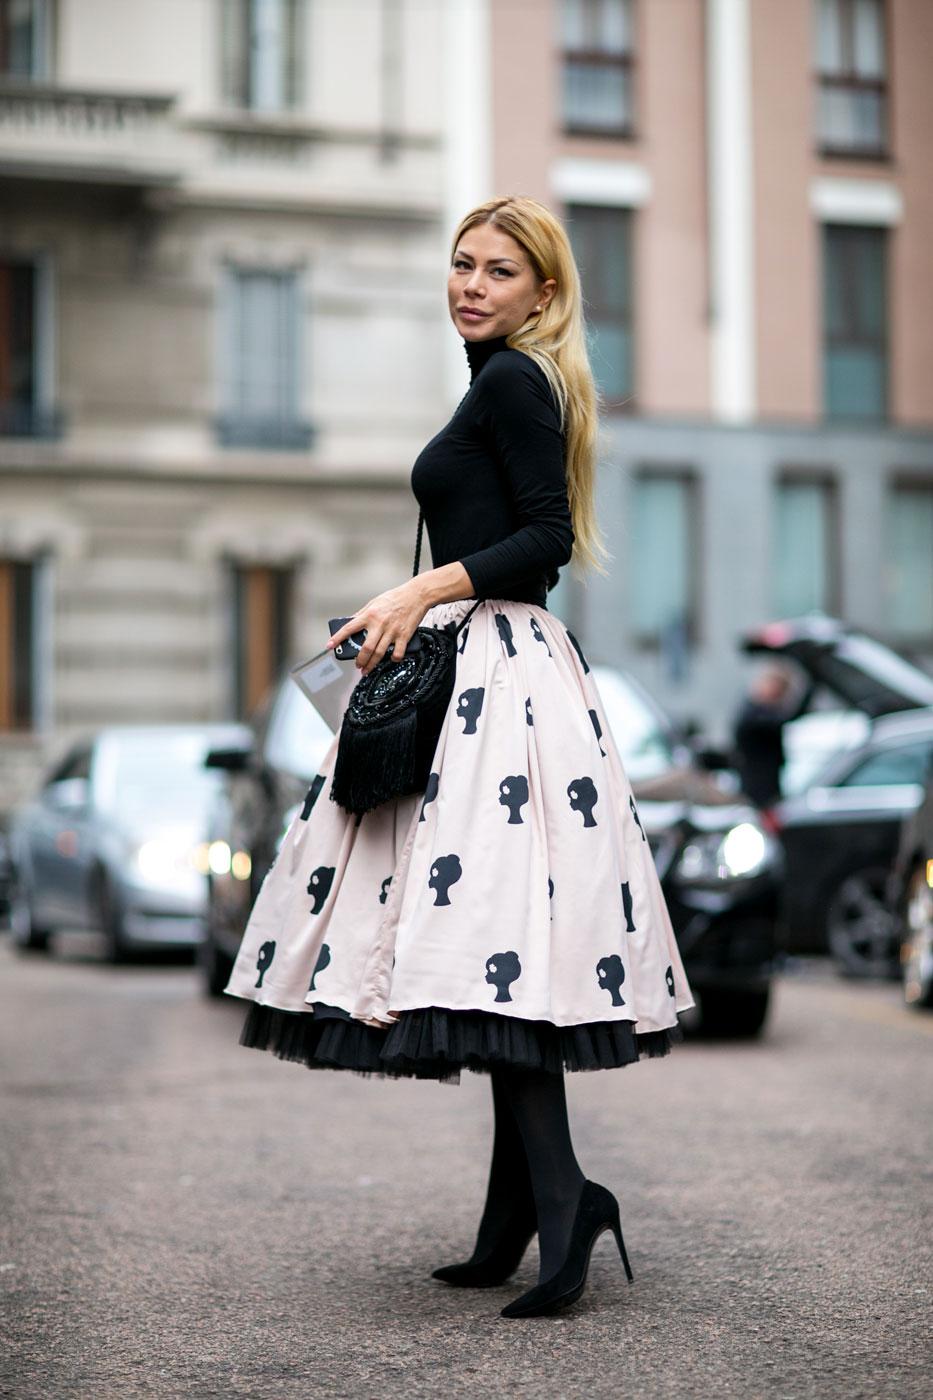 На фото: стиль ретро 50-х годов - расклешённая белая юбка с принтом с черной кофтой.